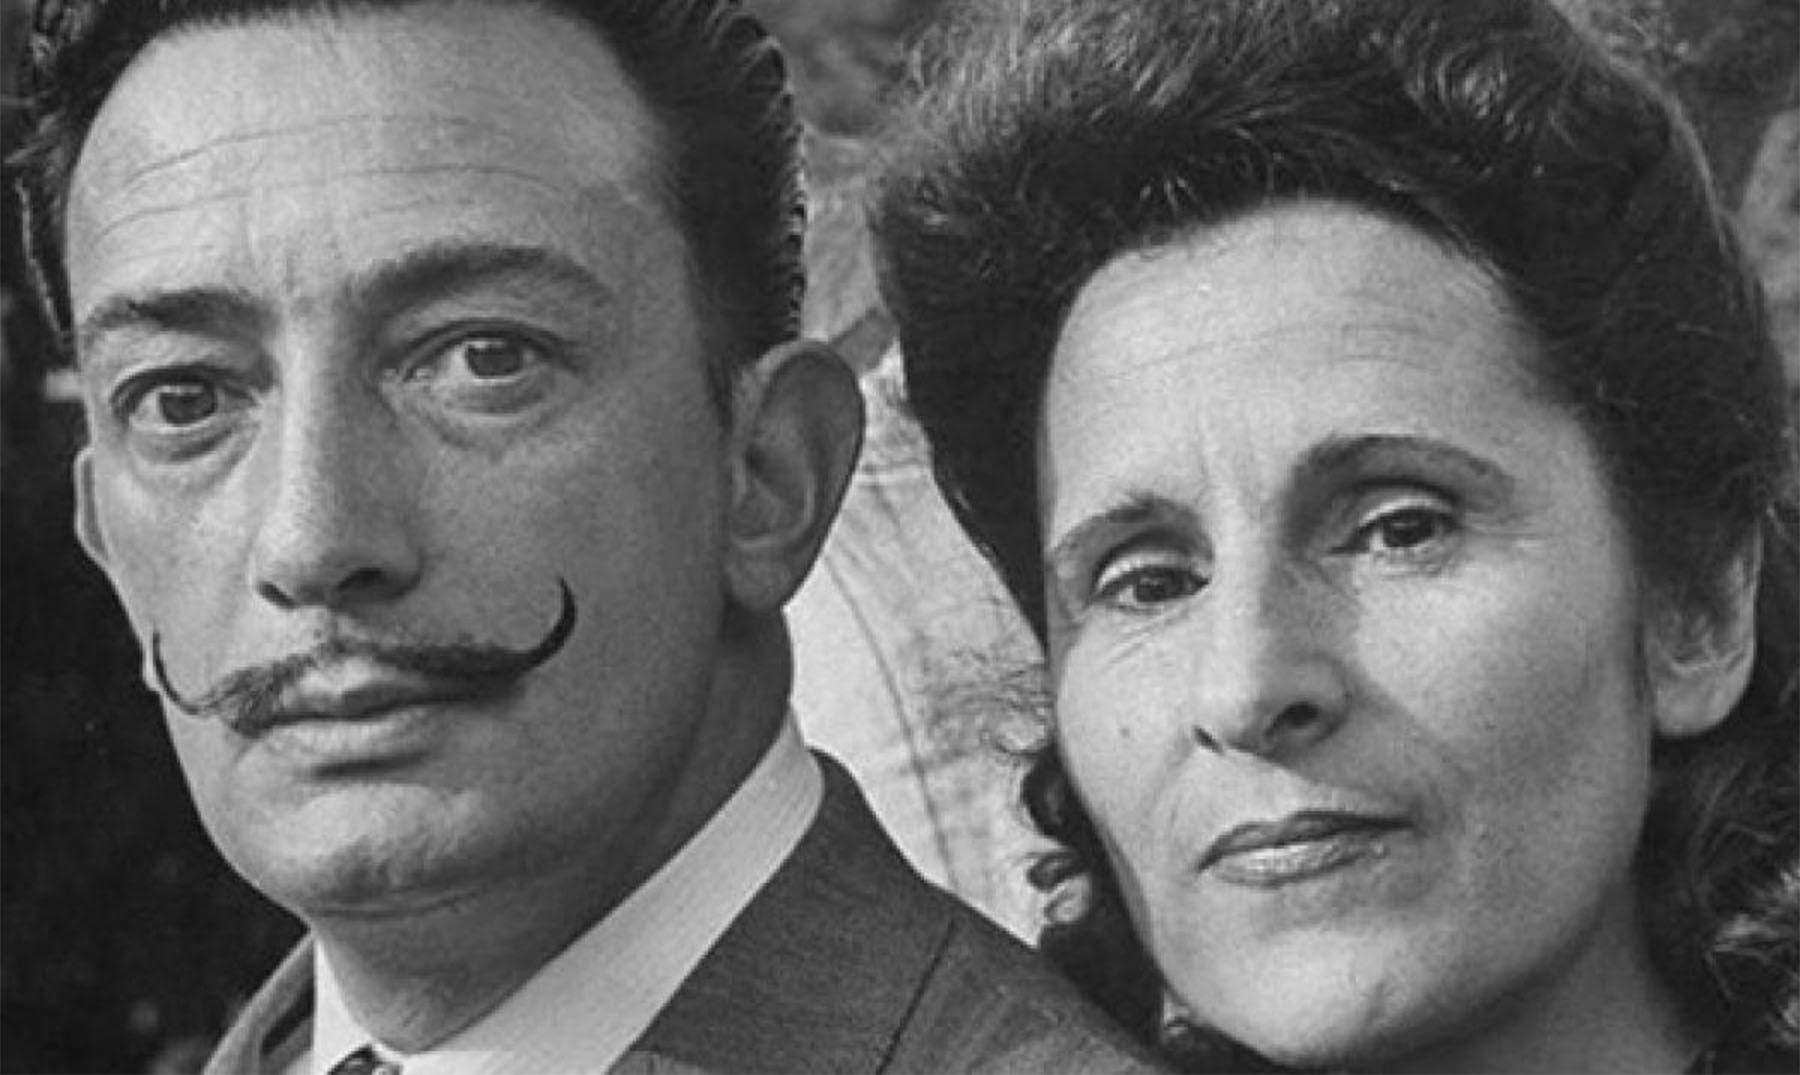 Salvador Dalí Y Gala 4 Curiosidades De Su Relación